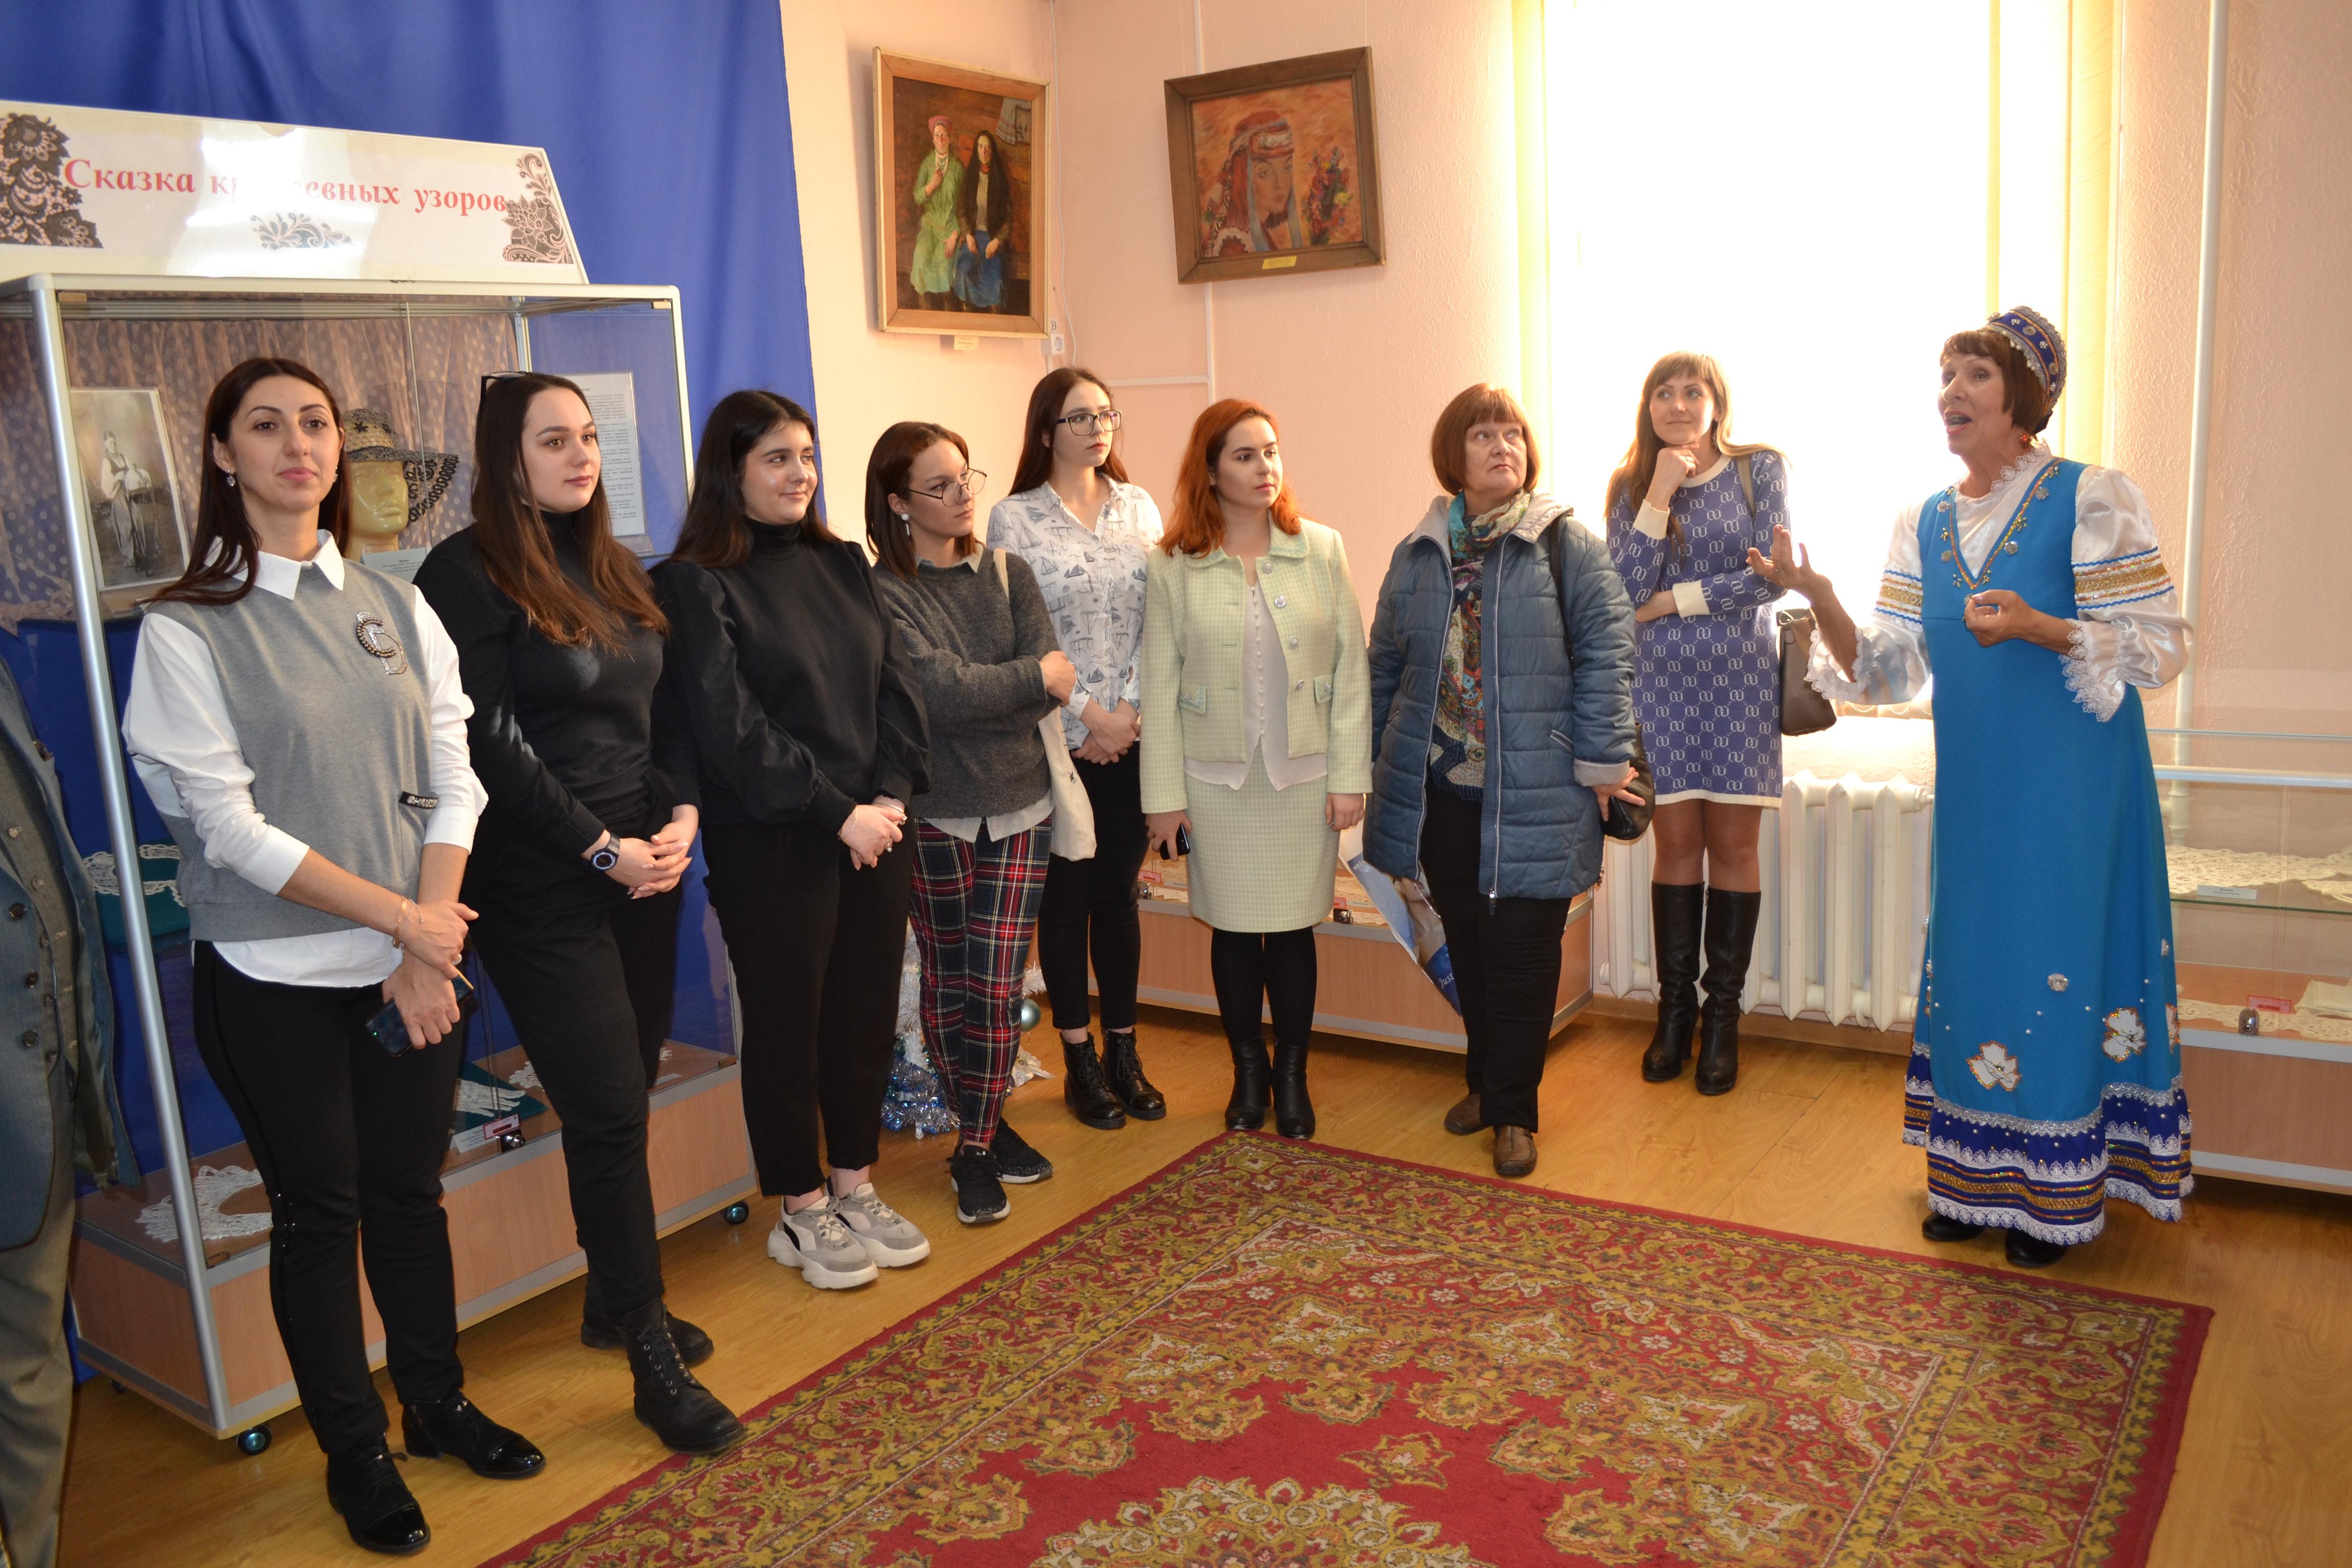 Жителей и гостей Туапсе приглашают полюбоваться «Сказкой кружевных узоров»